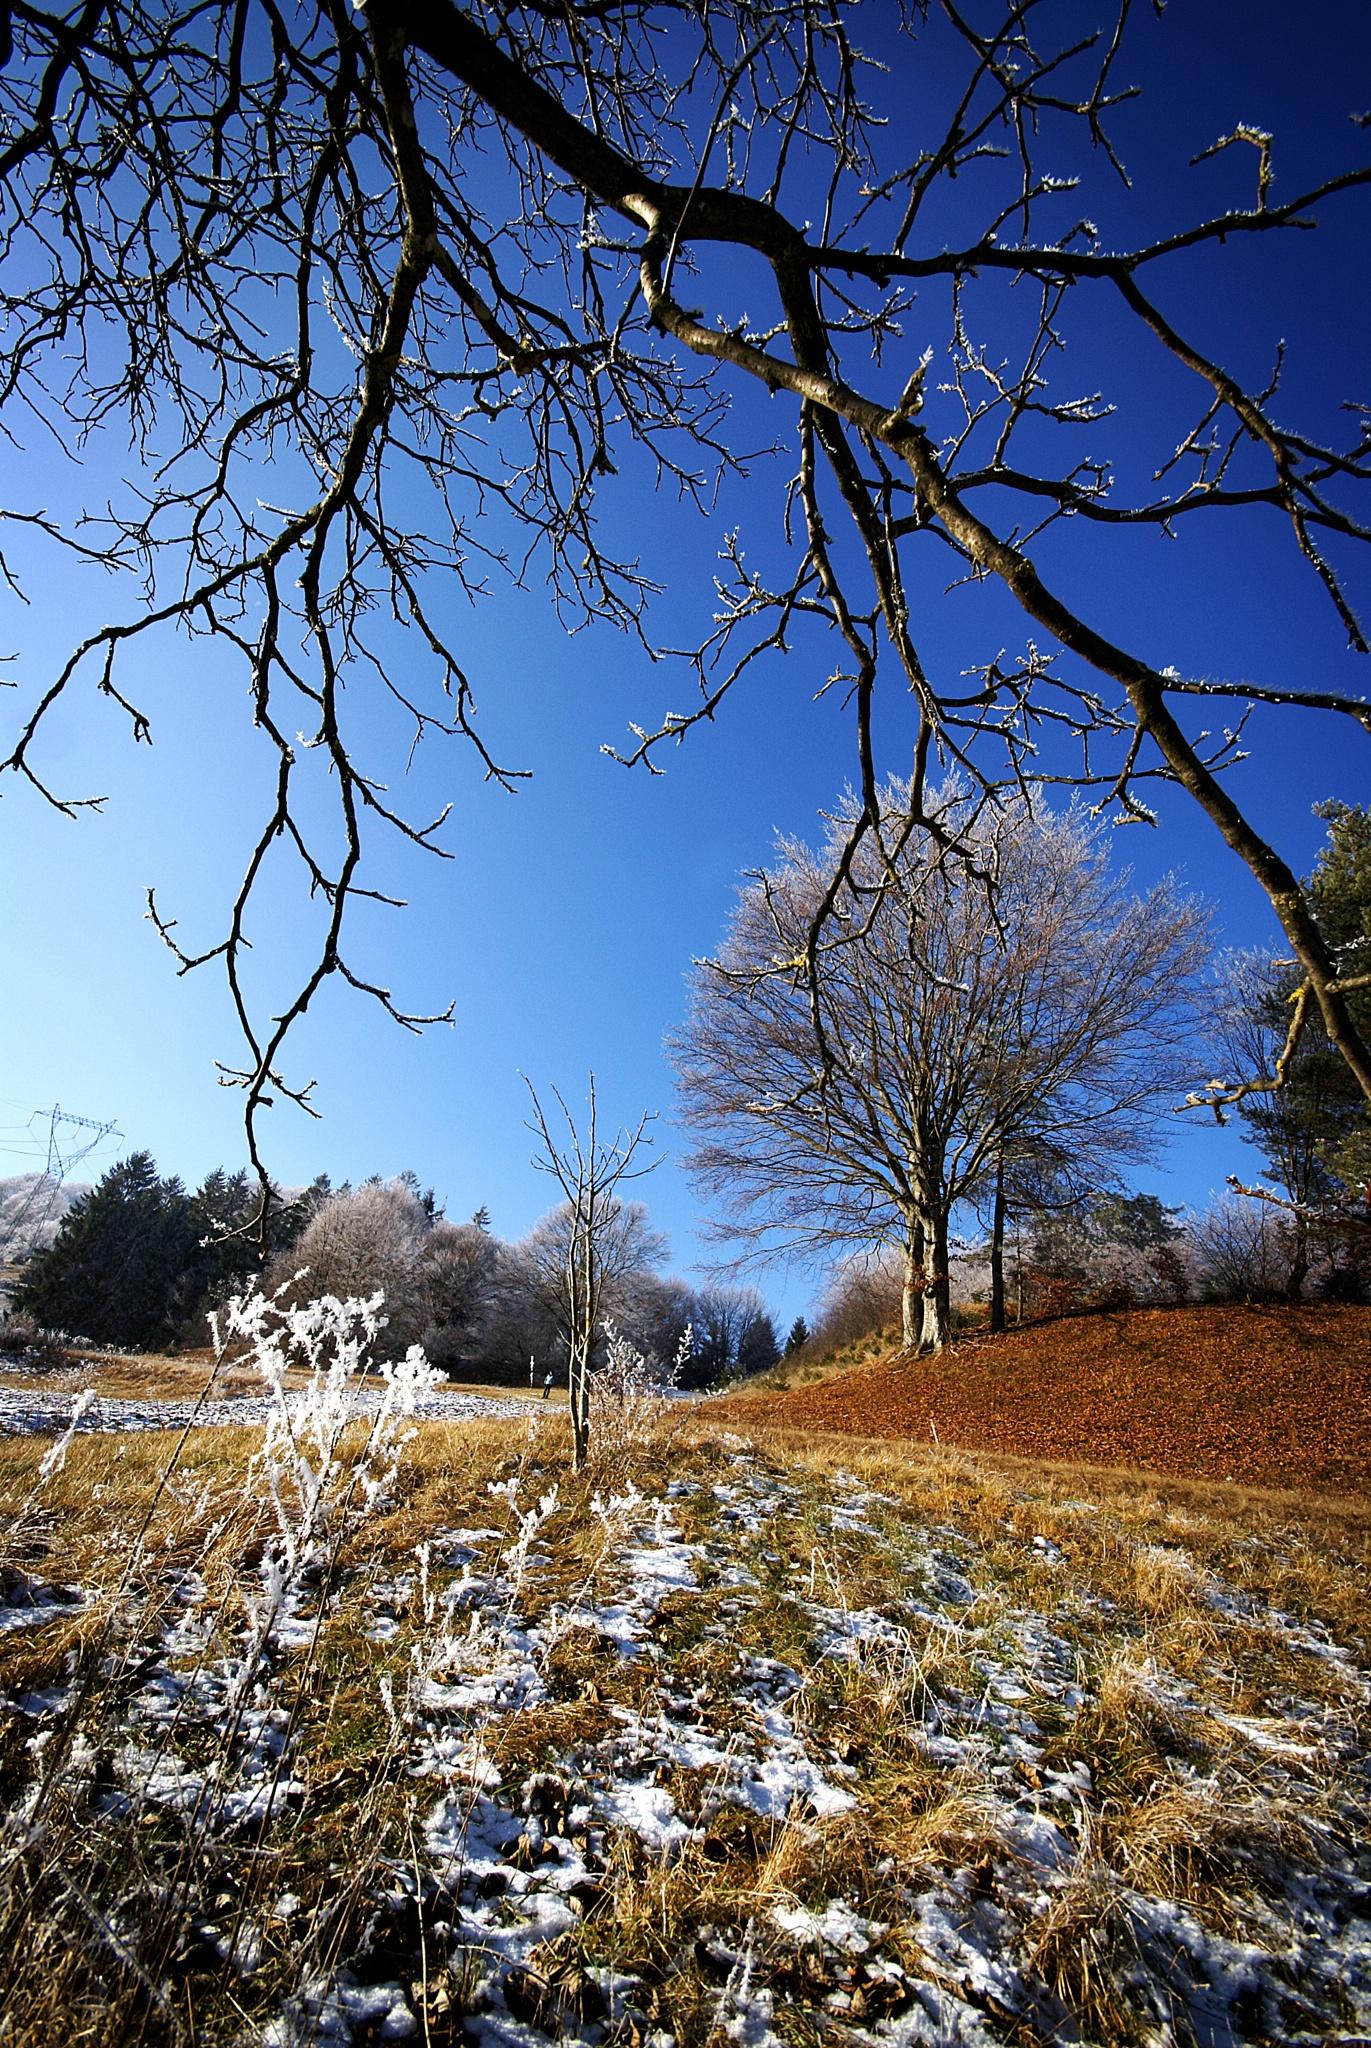 A taste of winter by Marko Erman